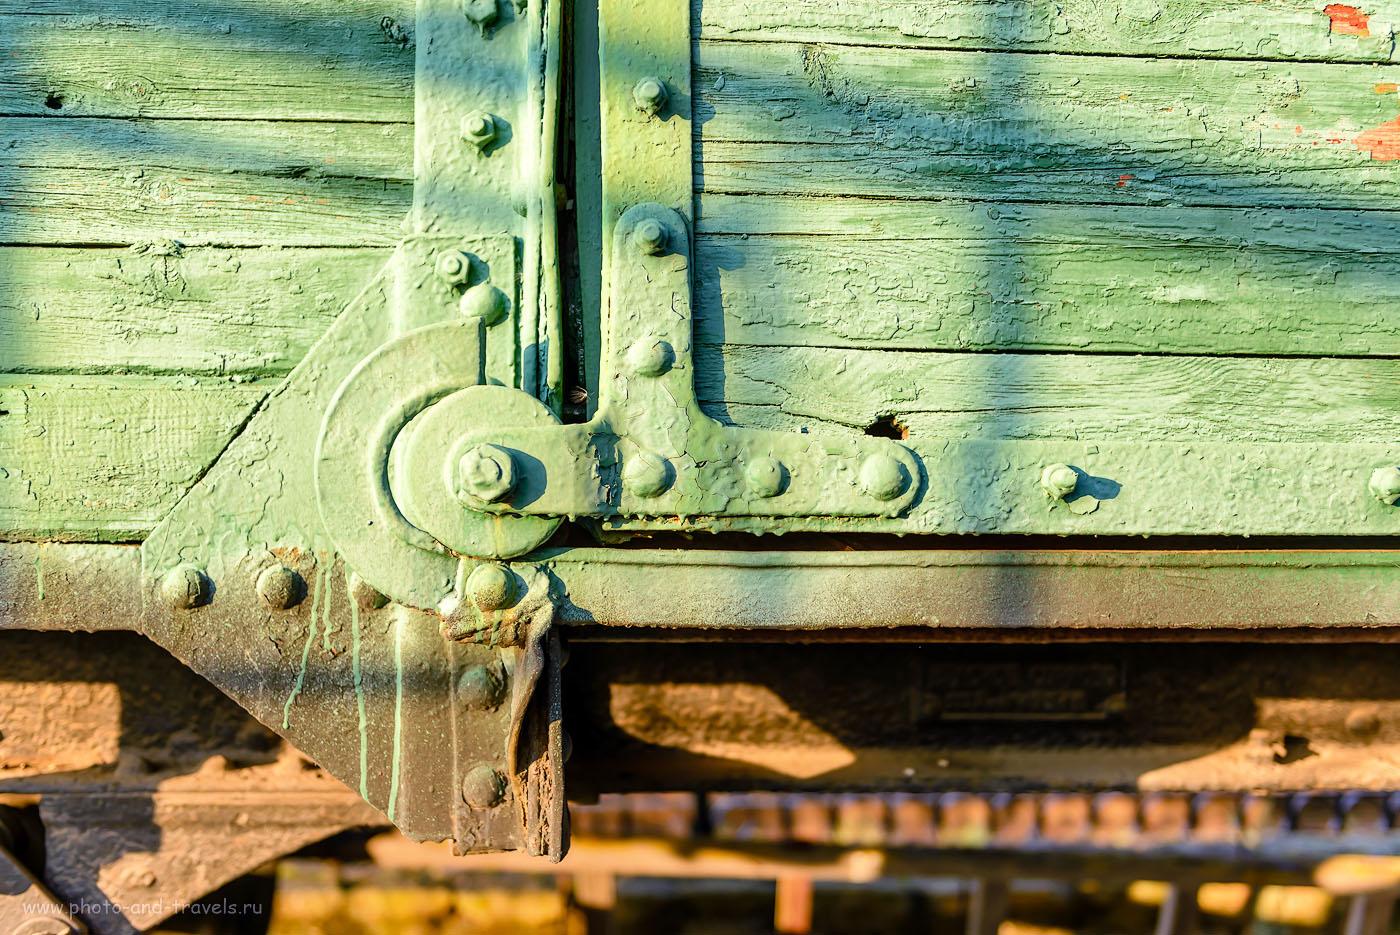 Фотография 11. Запирающий механизм железнодорожного вагона в музее РЖД. 1/160, 0.33, 2.8, 180, 42.